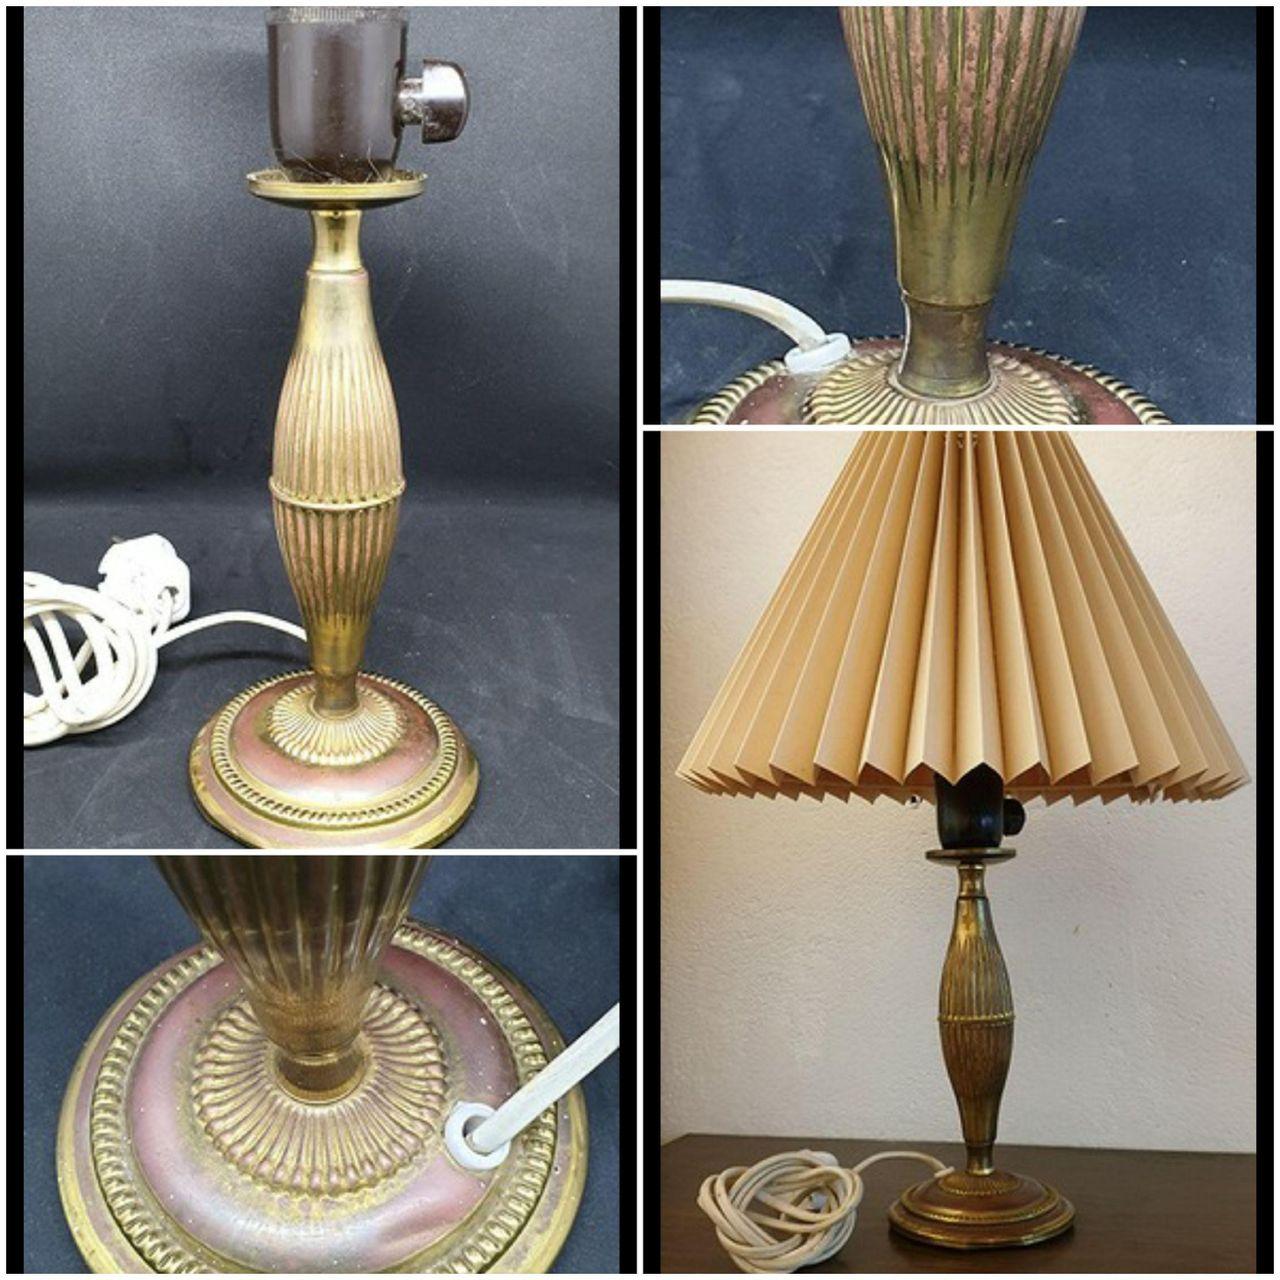 Vintage lampe i messing med nydelige linjer | FINN.no